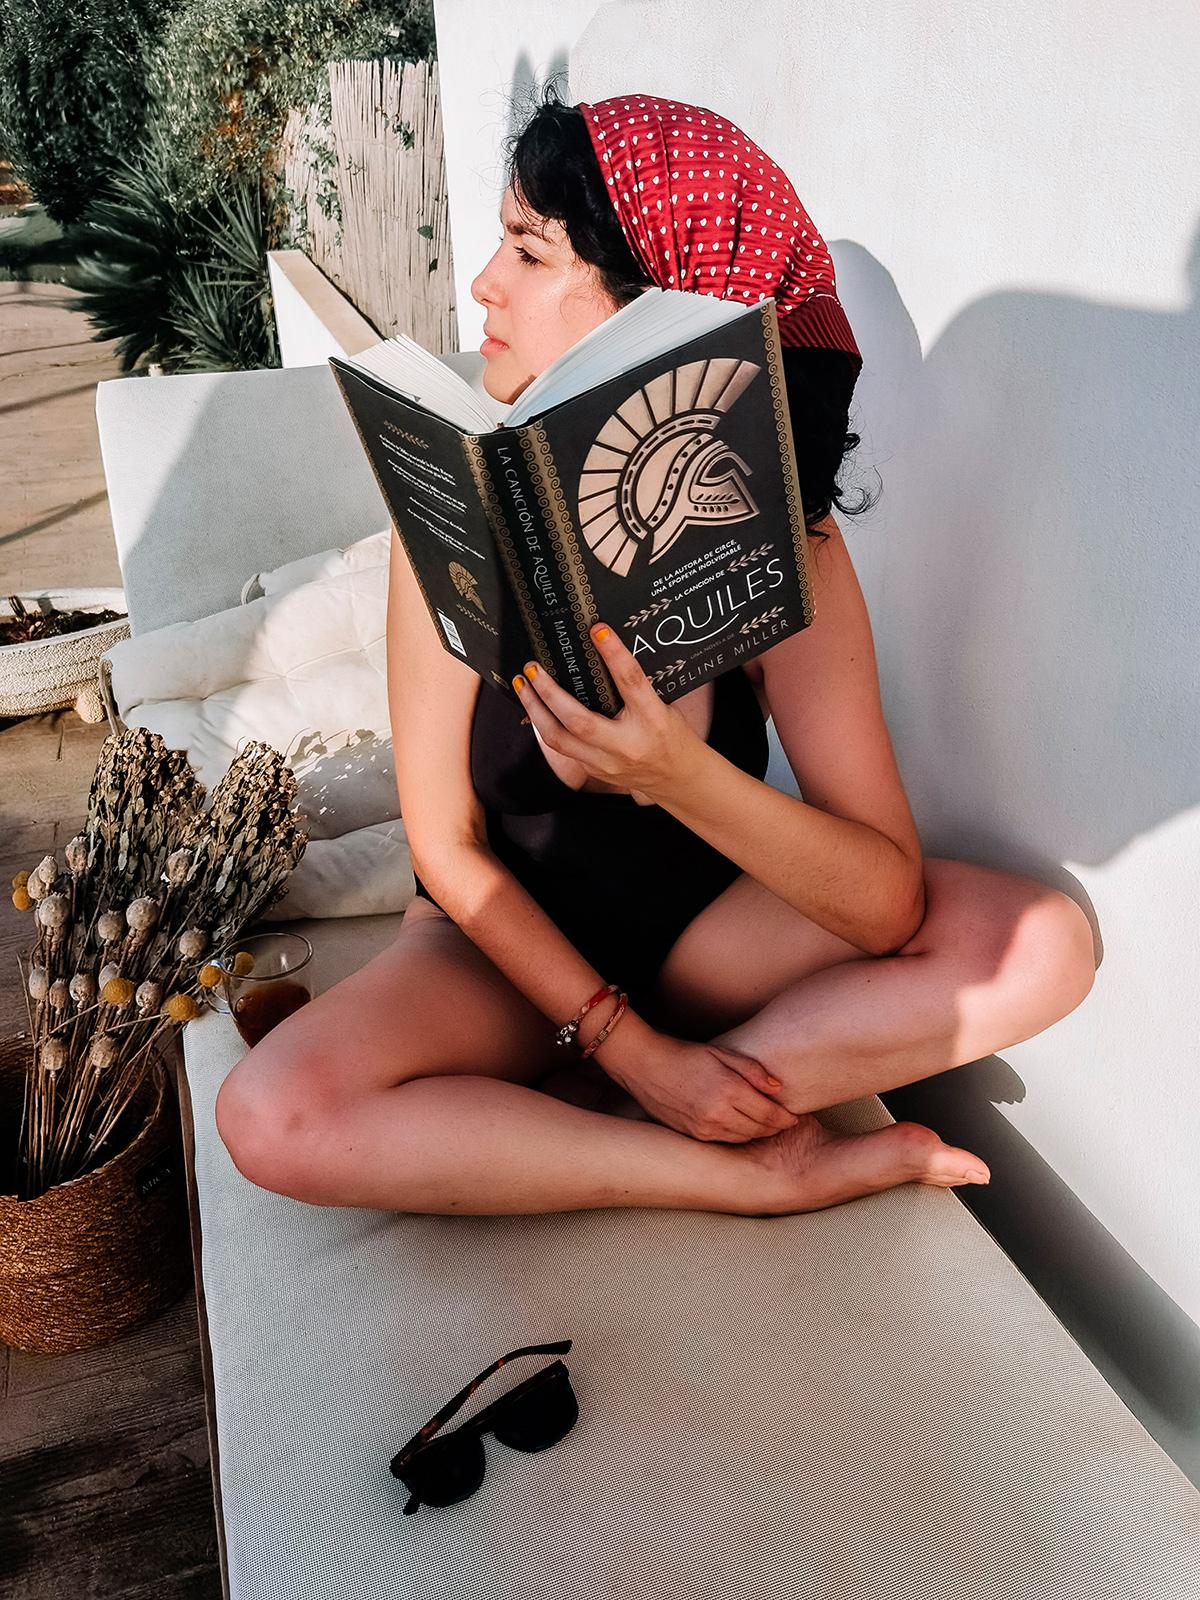 Fotografía de Ren de Momoko leyendo